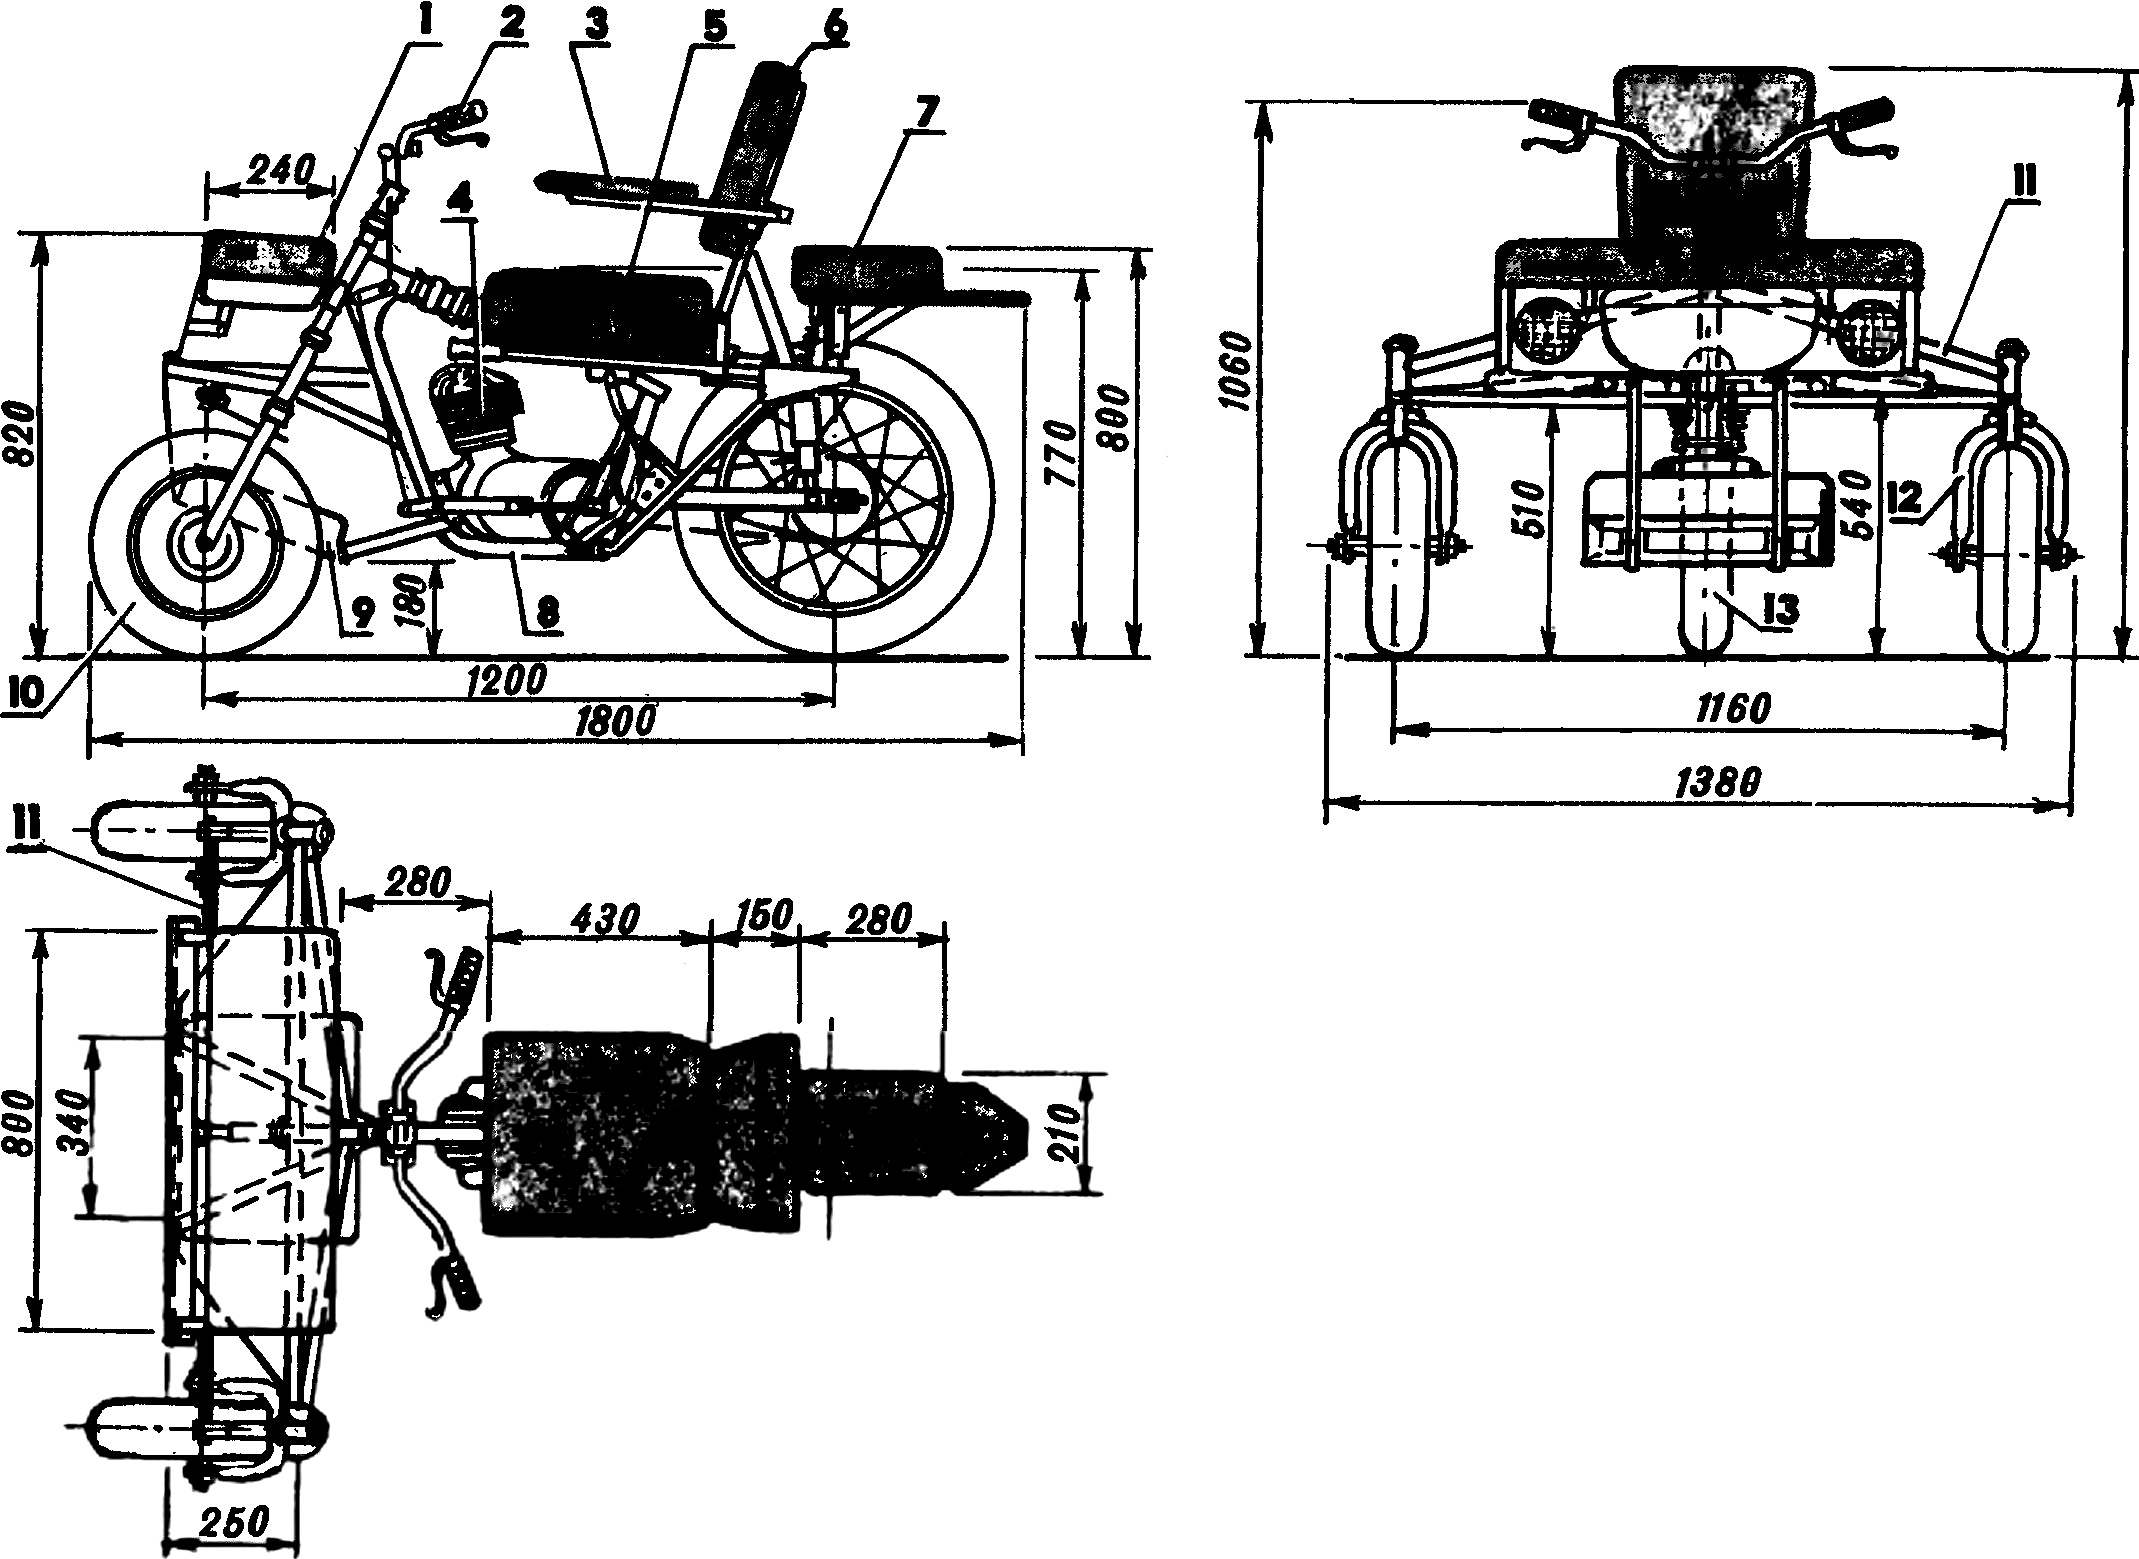 Рис. 1. Основной вариант моторизованного транспортного средства с ручным управлением.